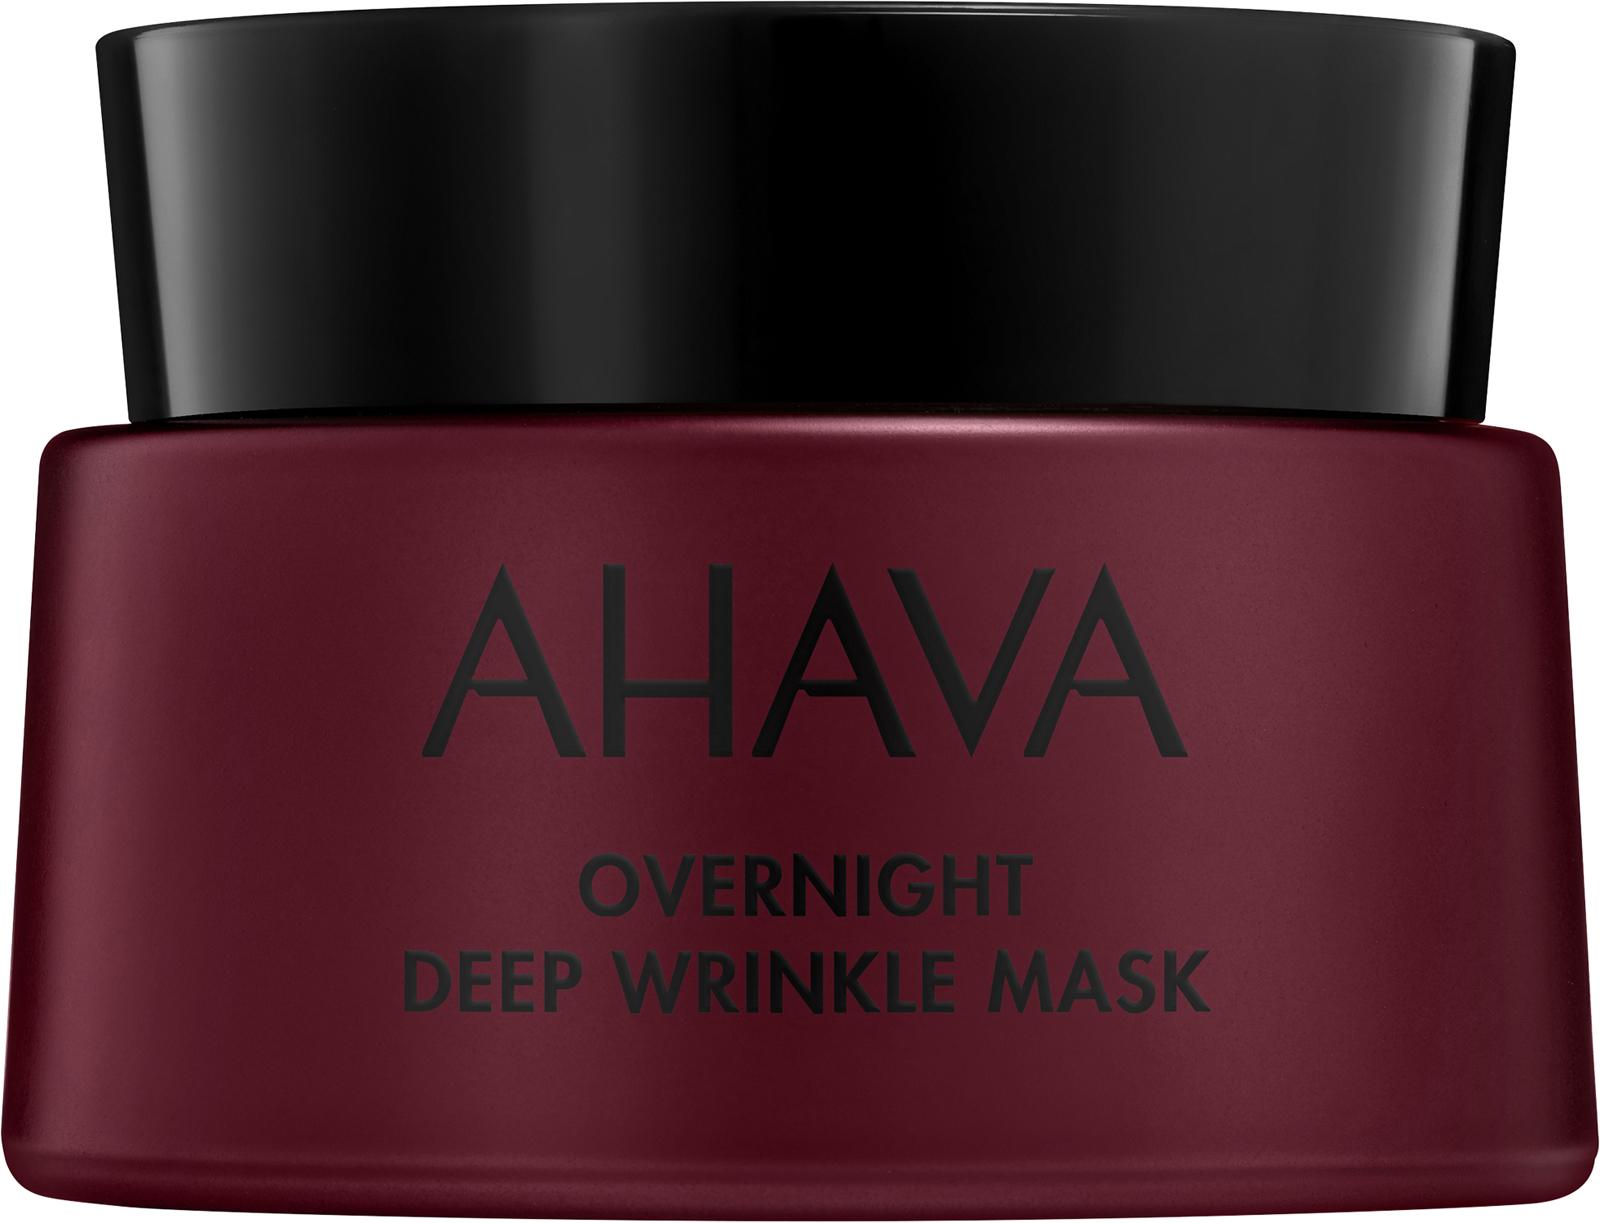 AHAVA - Apple of Sodom Overnight Deep Wrinkle Mask 50ml